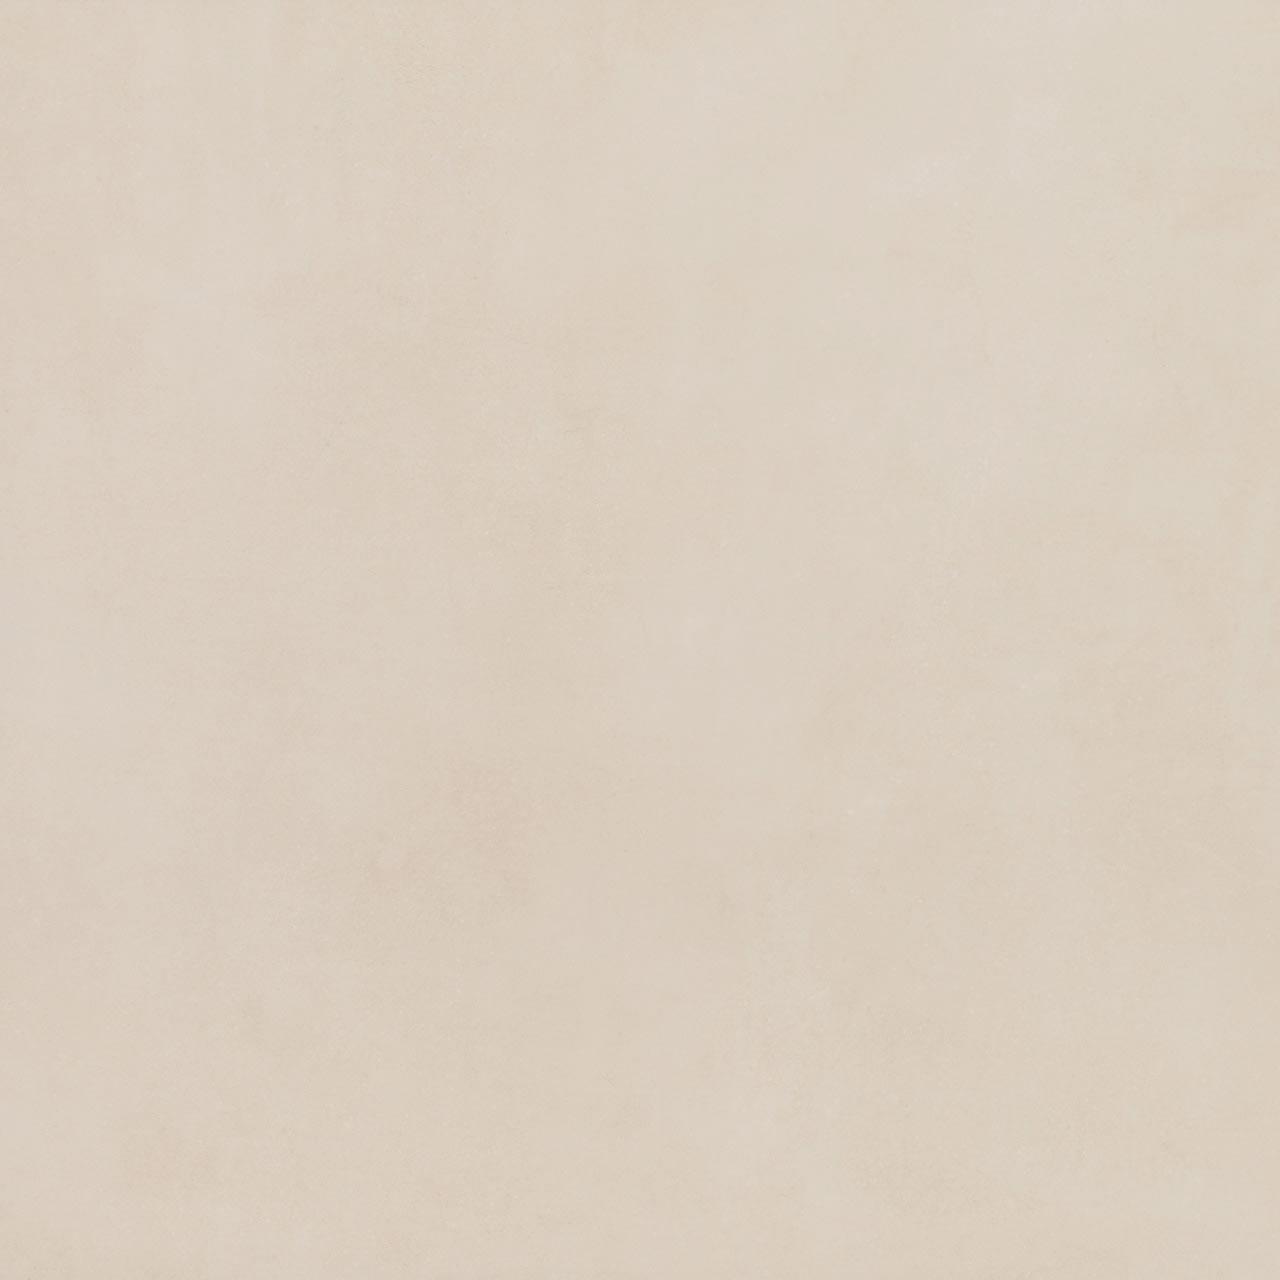 munari marfim ext 59×59